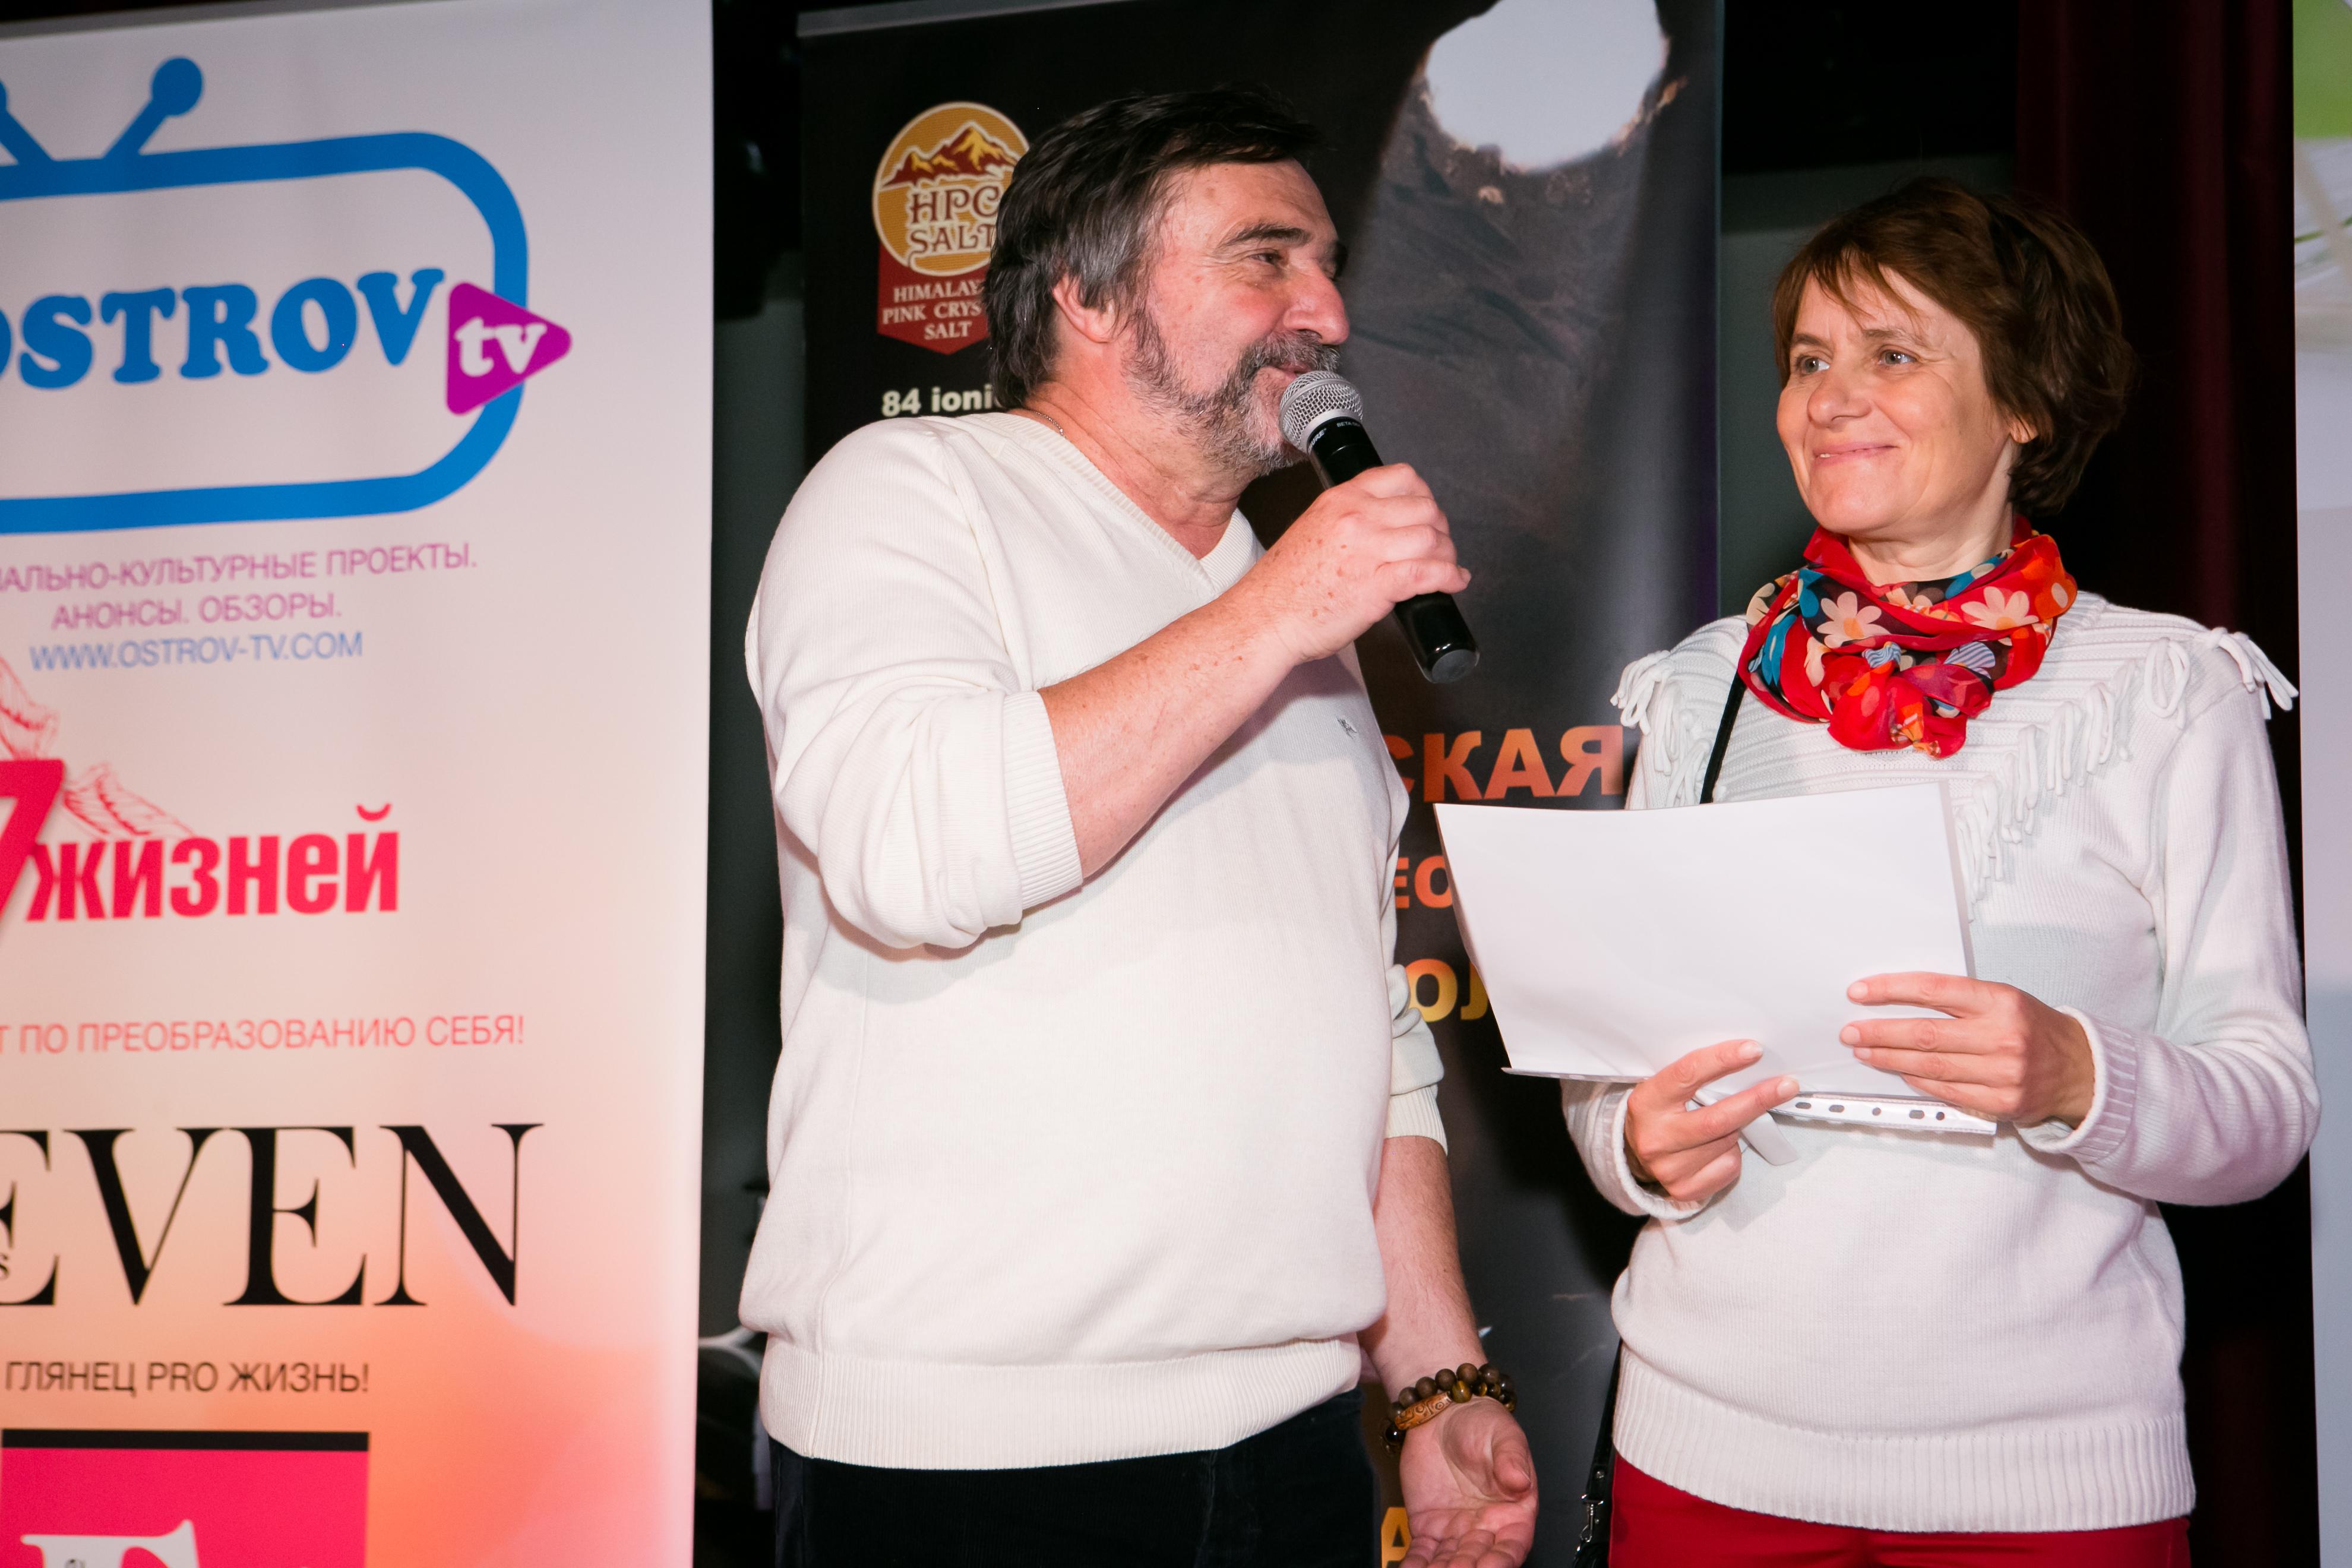 Сергей Мартьяхин и Наталья Агаладзе вручают приз победителю интернет конкурса